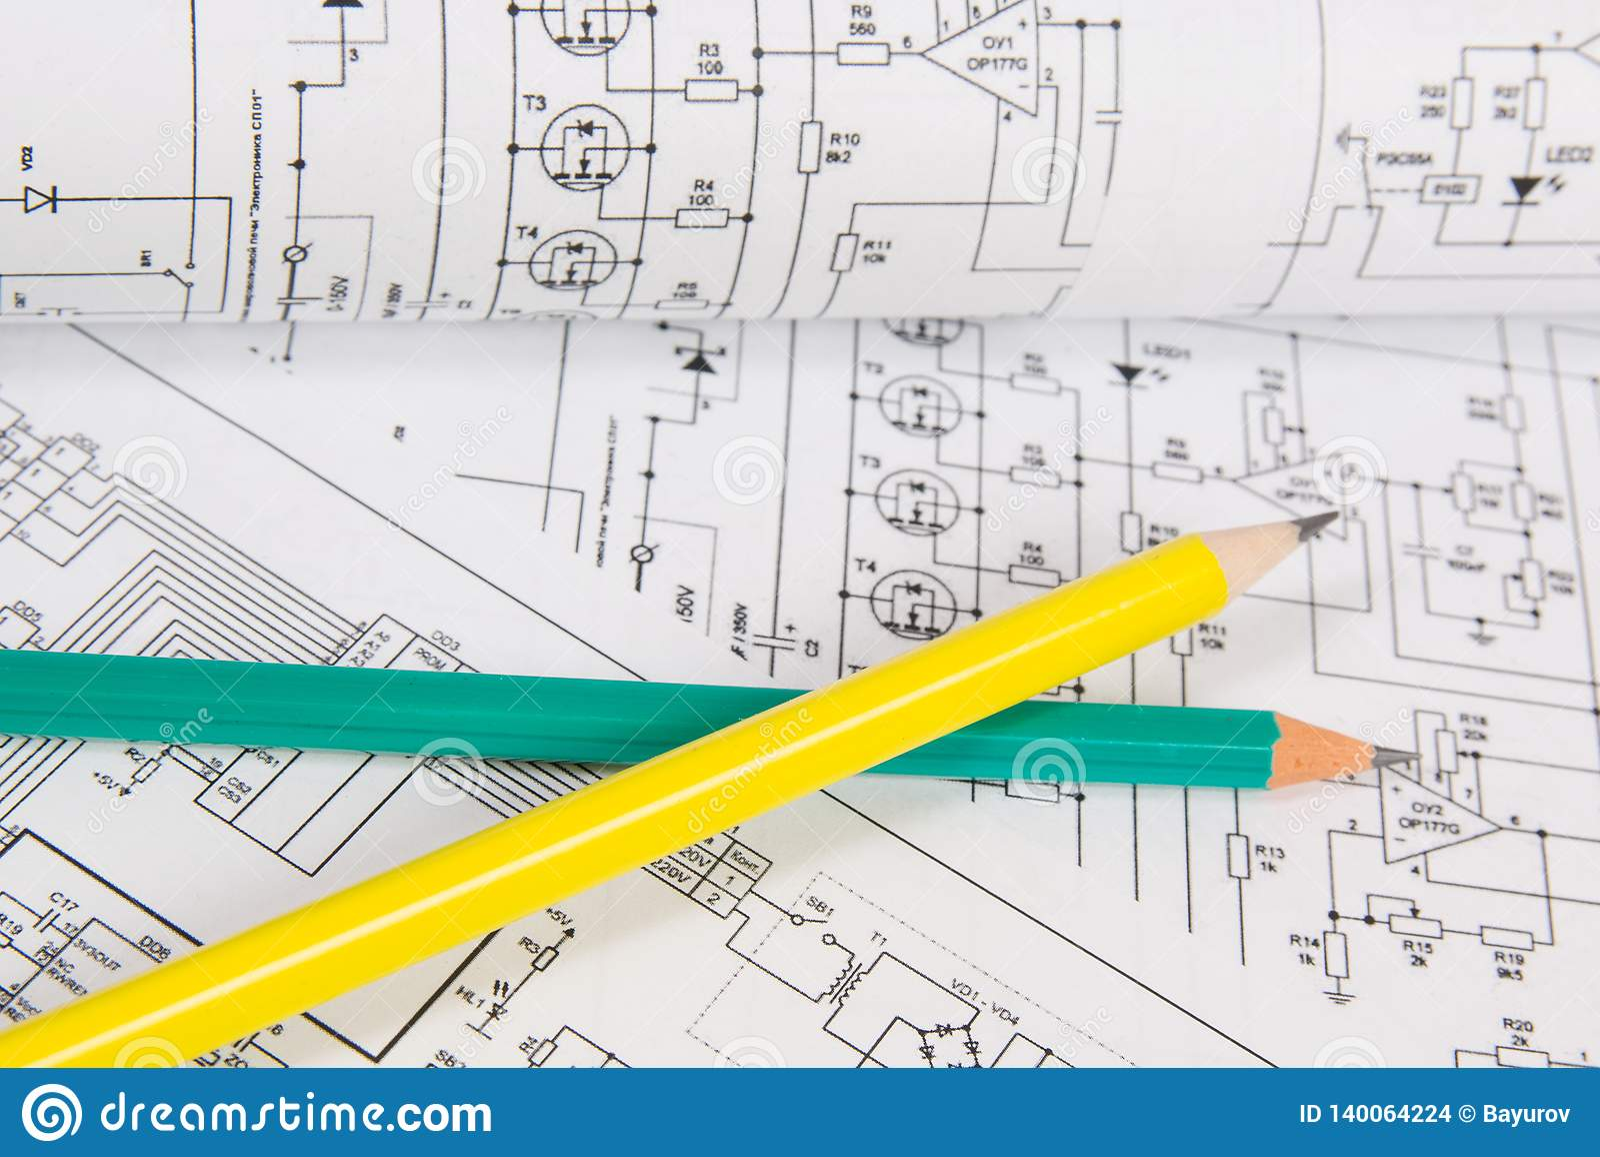 Dessins imprimés des circuits électriques et des crayons La Science, technologie et électronique